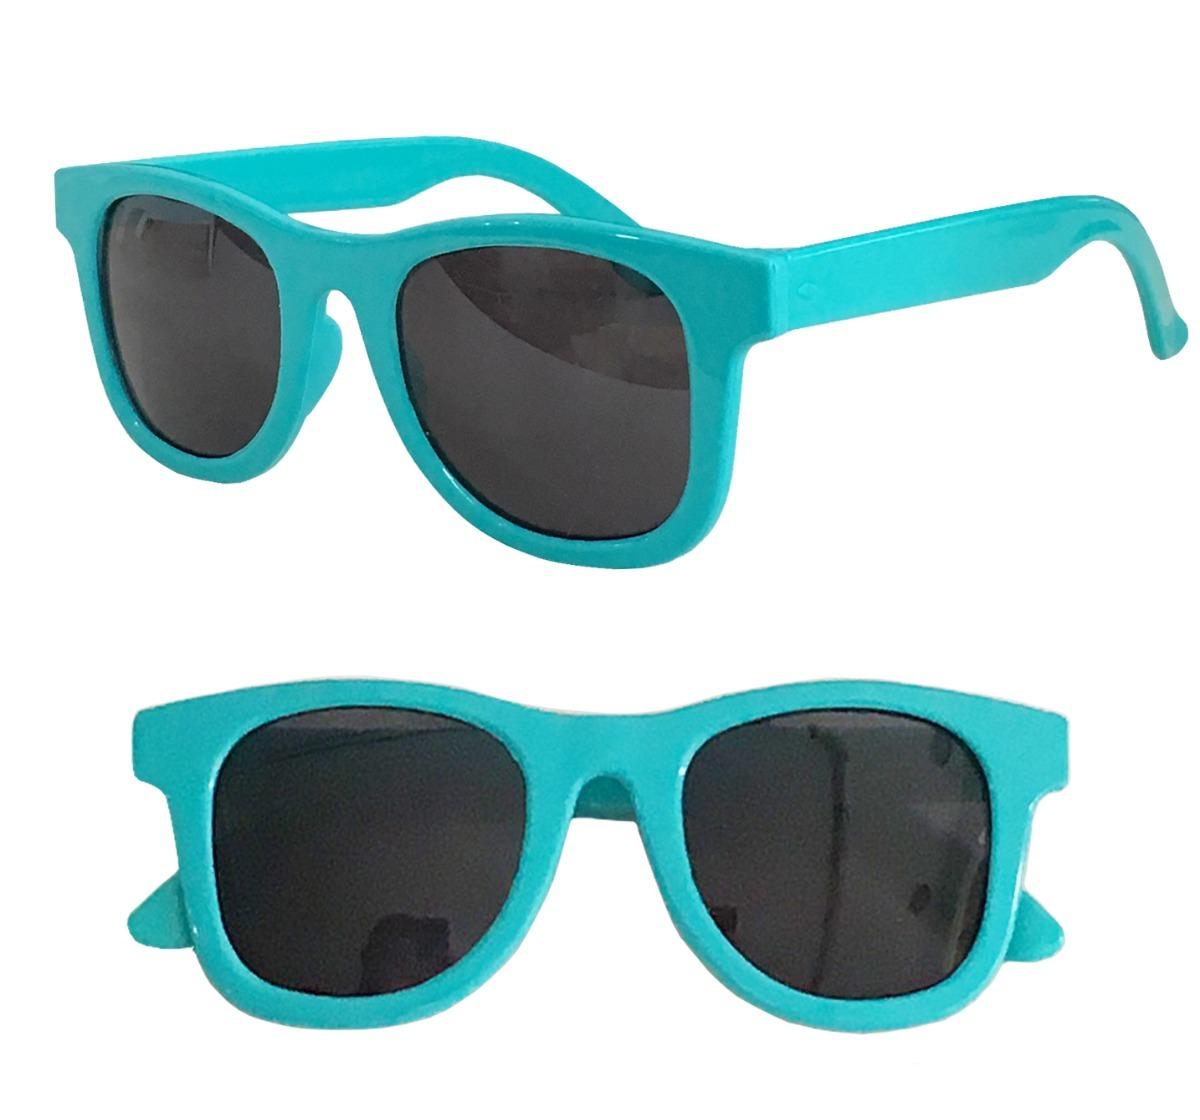 2842caffe Kit 10 Óculos Sol Infantil Criança Uv400 Promoção Atacado - R$ 100 ...